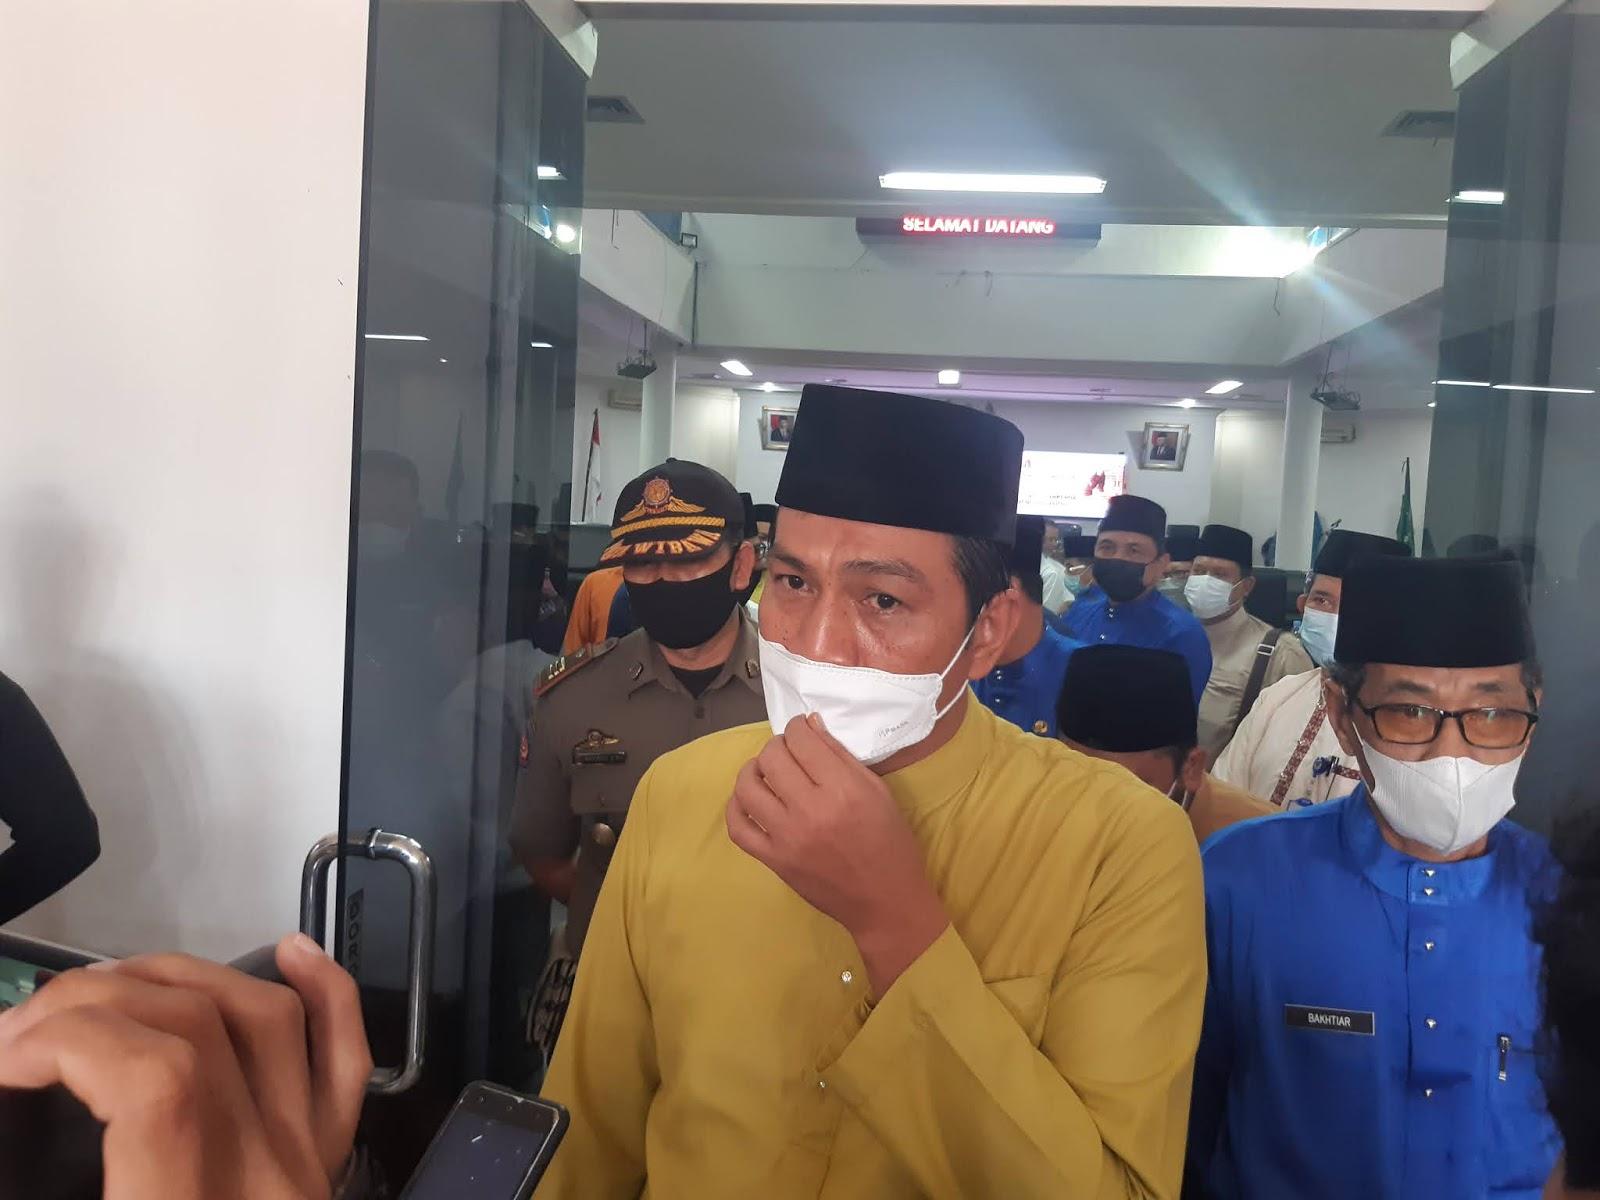 Indikasi Pungli Rekrutmen PTT, Fadhil Minta Inspektorat Investigasi